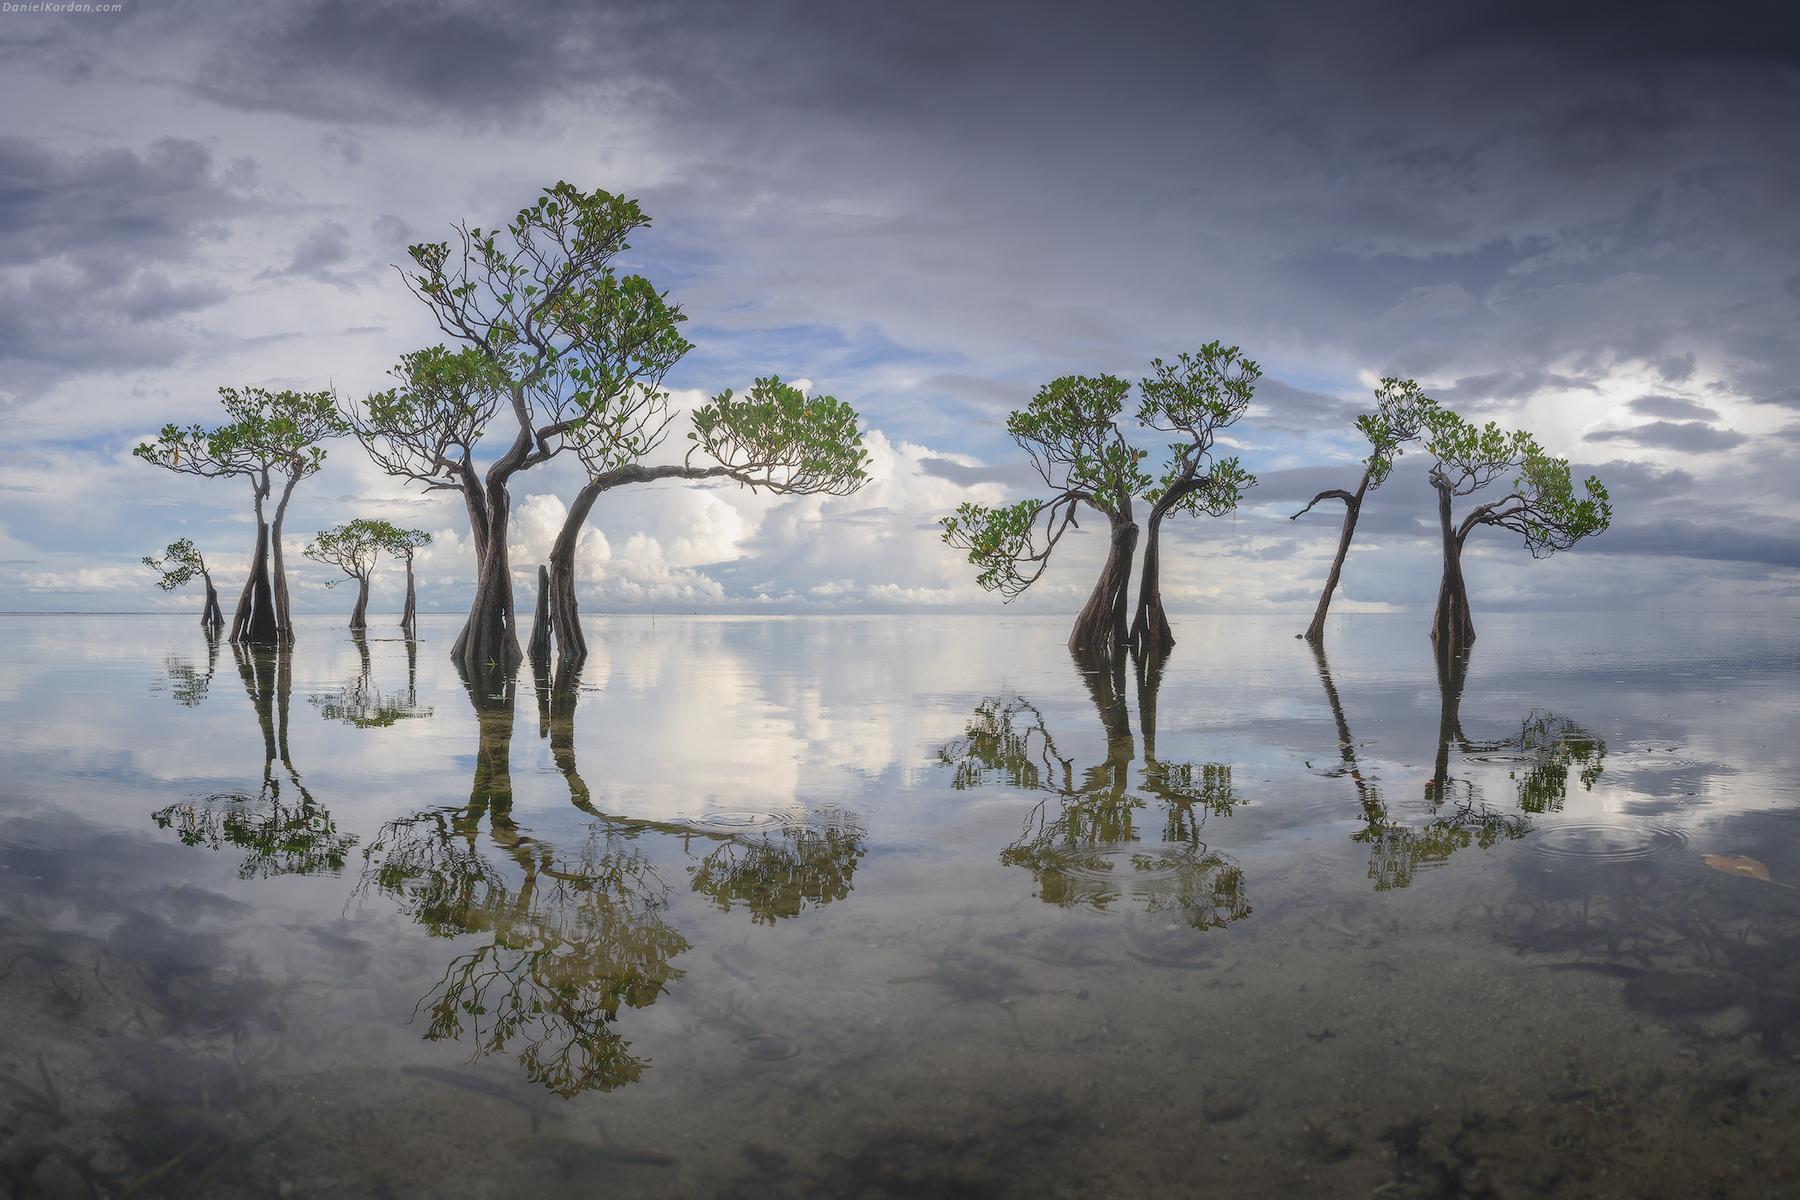 Sumba dancing trees